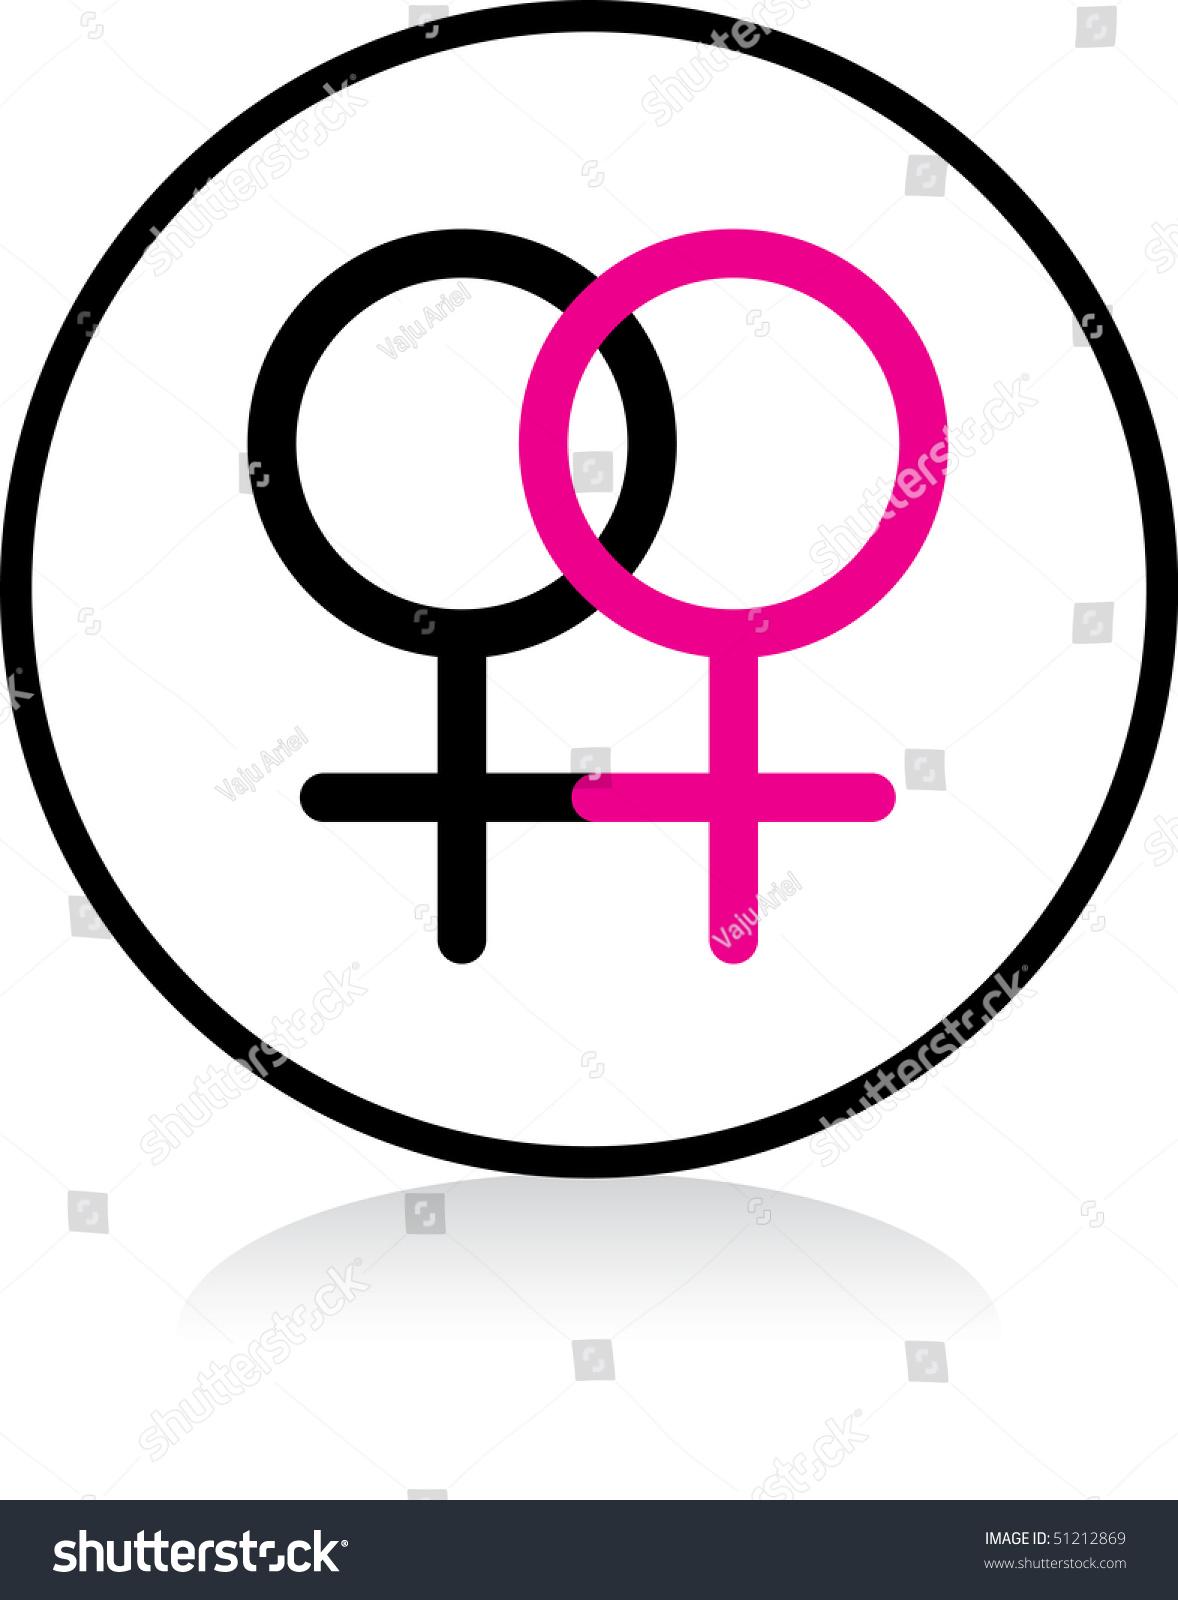 Illuminated sign white version gay female stock illustration illuminated sign white version gay female symbol buycottarizona